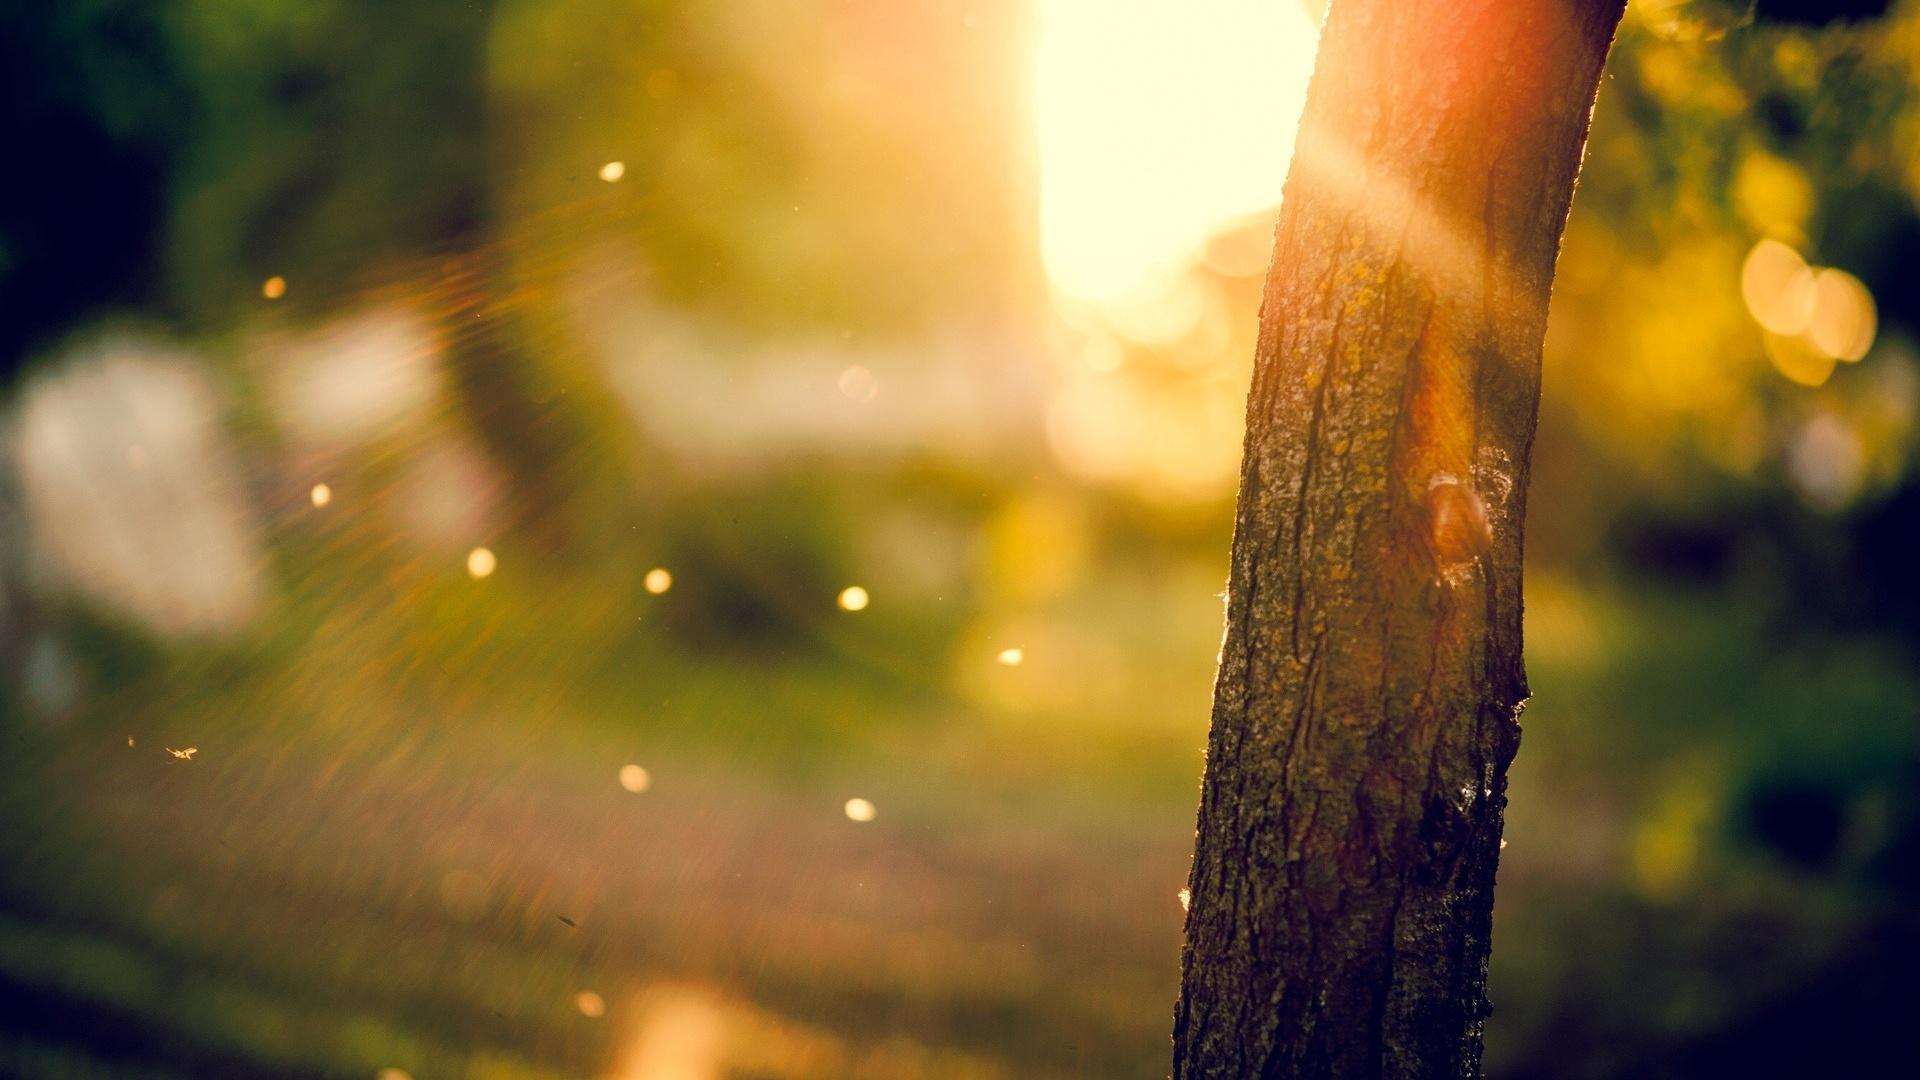 tree, кора, размытие, дерево, ствол, деревья, Макро